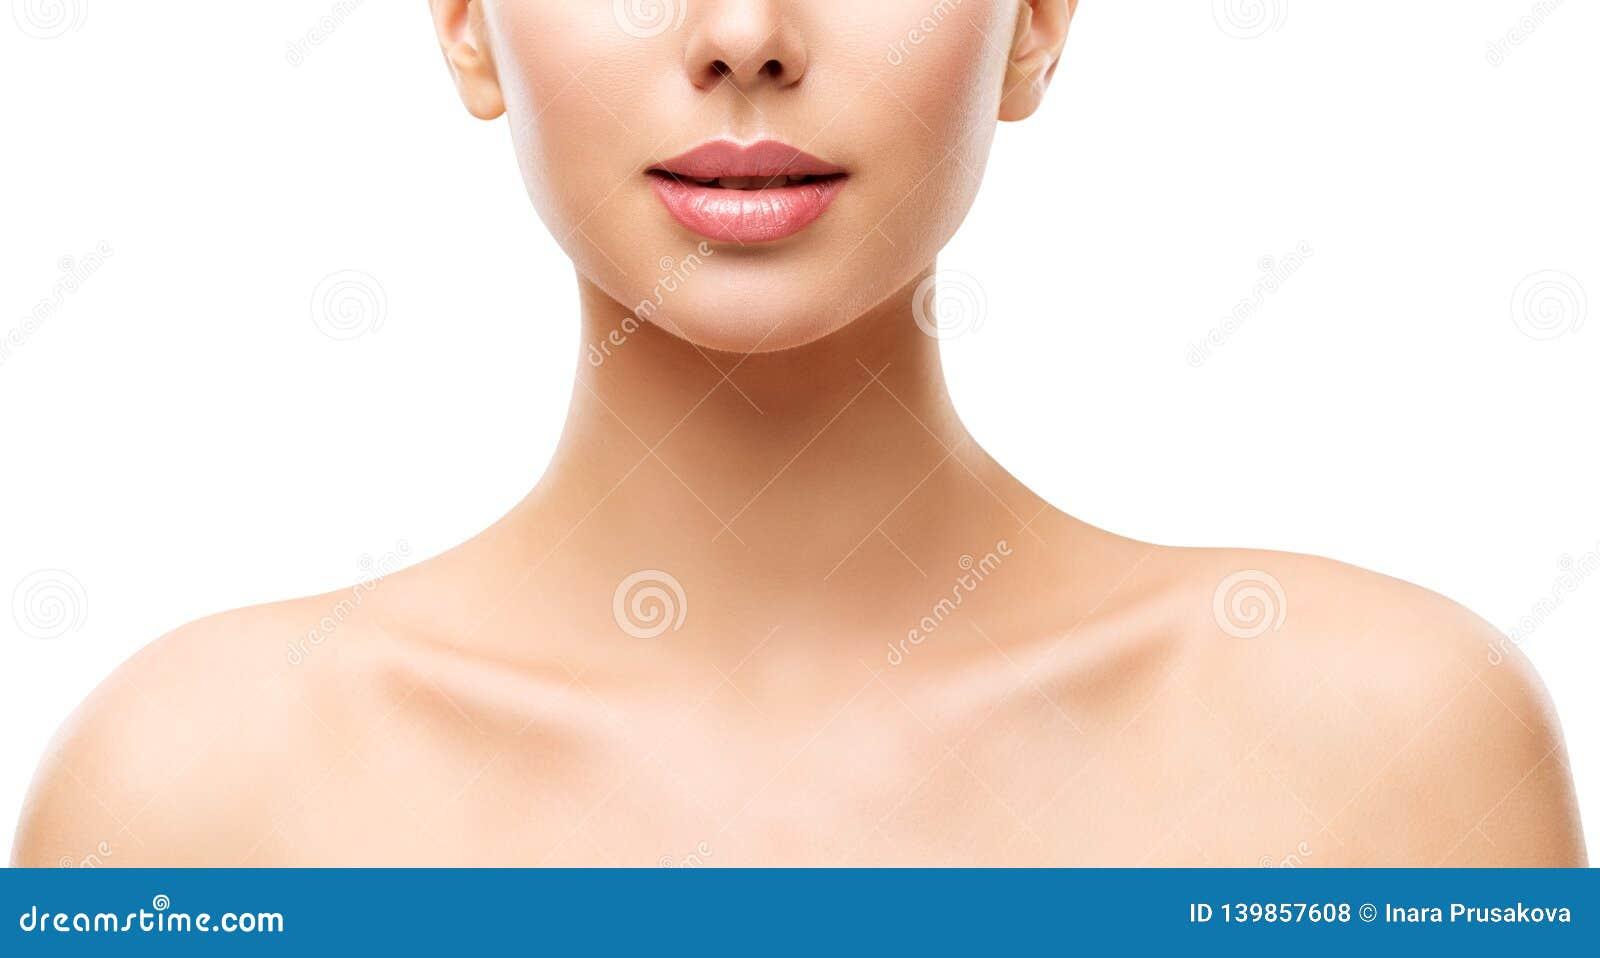 Omsorg för kvinnaskönhethud, modellerar Face Lips Neck och skuldror på vit